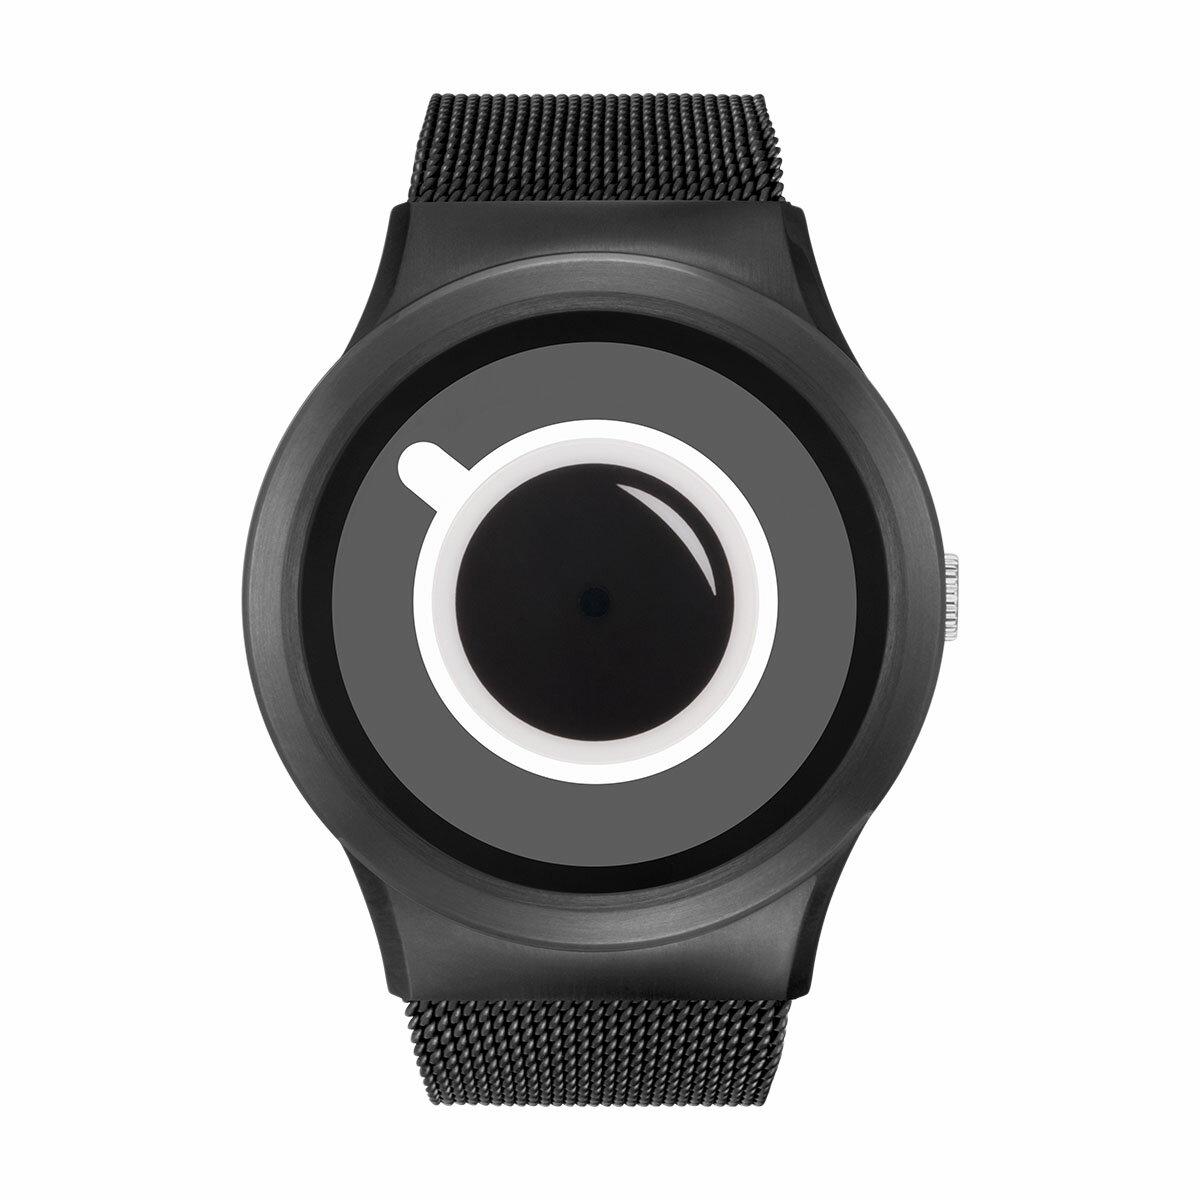 ZEROO COFFEE TIME ゼロ 電池式クォーツ 腕時計 [W03010B03SM03] ホワイト デザインウォッチ ペア用 メンズ レディース ユニセックス おしゃれ時計 デザイナーズ